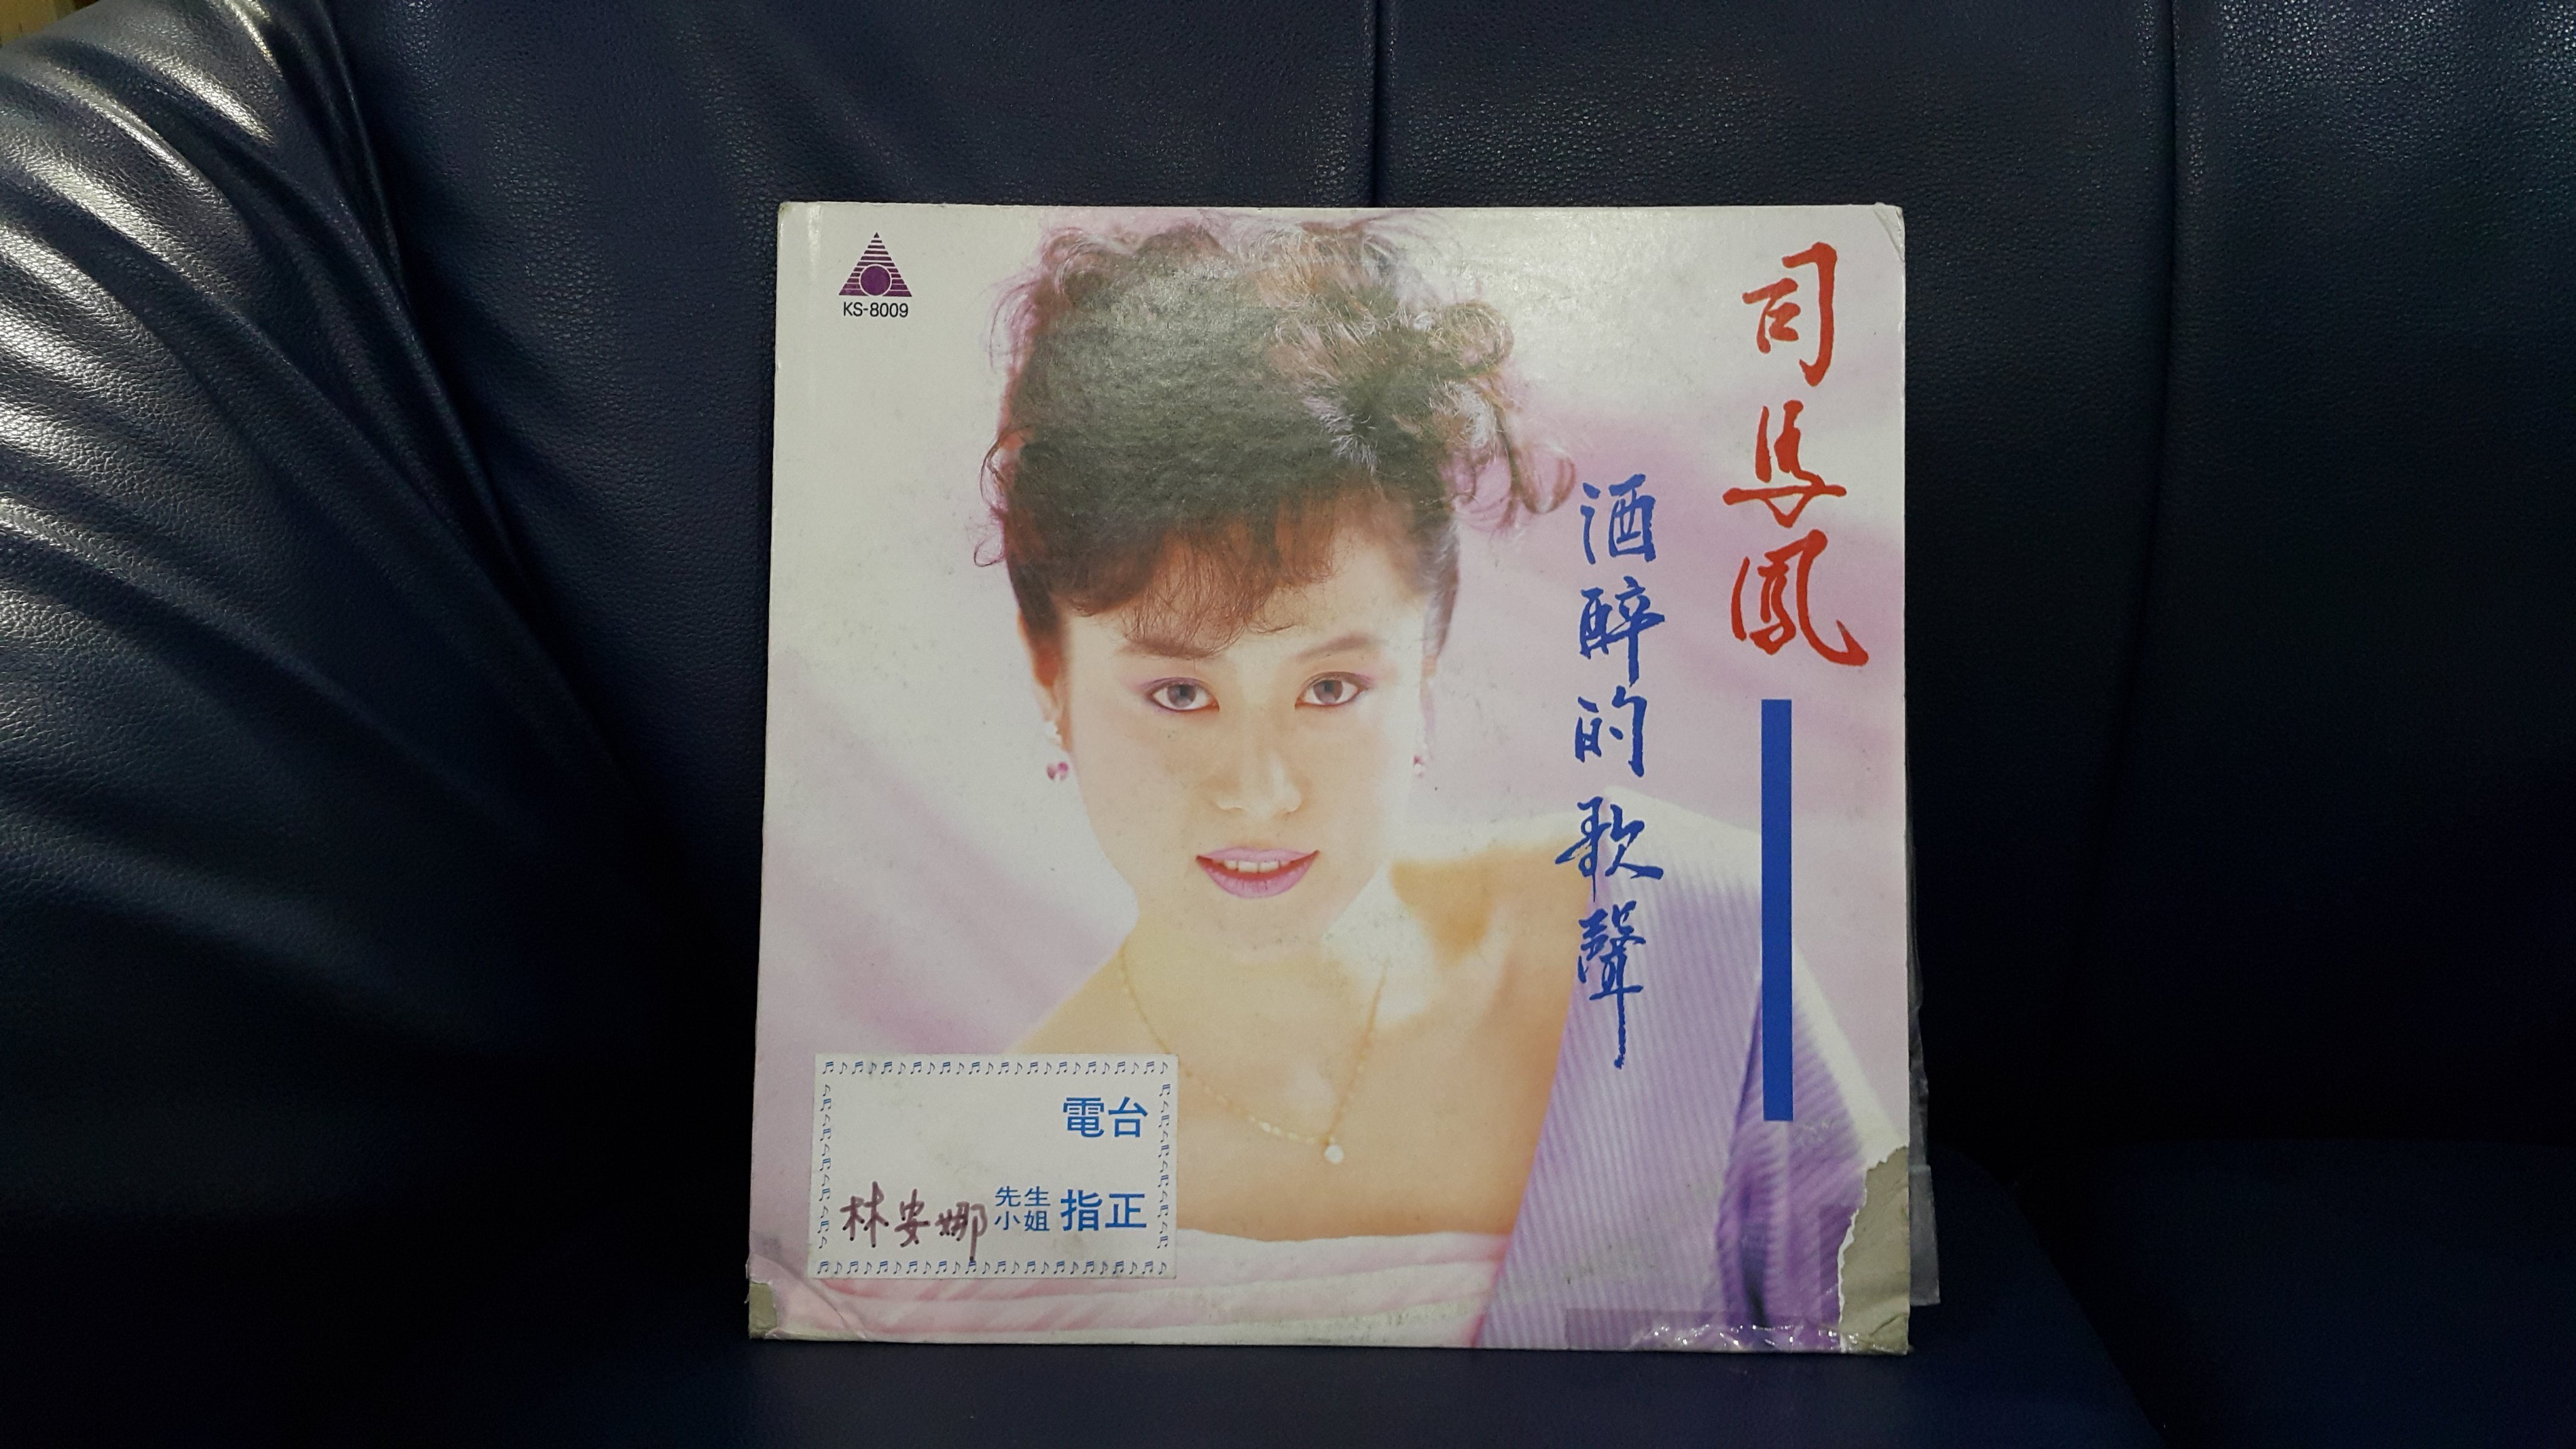 開心唱片 (司馬鳳 / 酒醉的歌聲) 二手黑膠唱片 C157